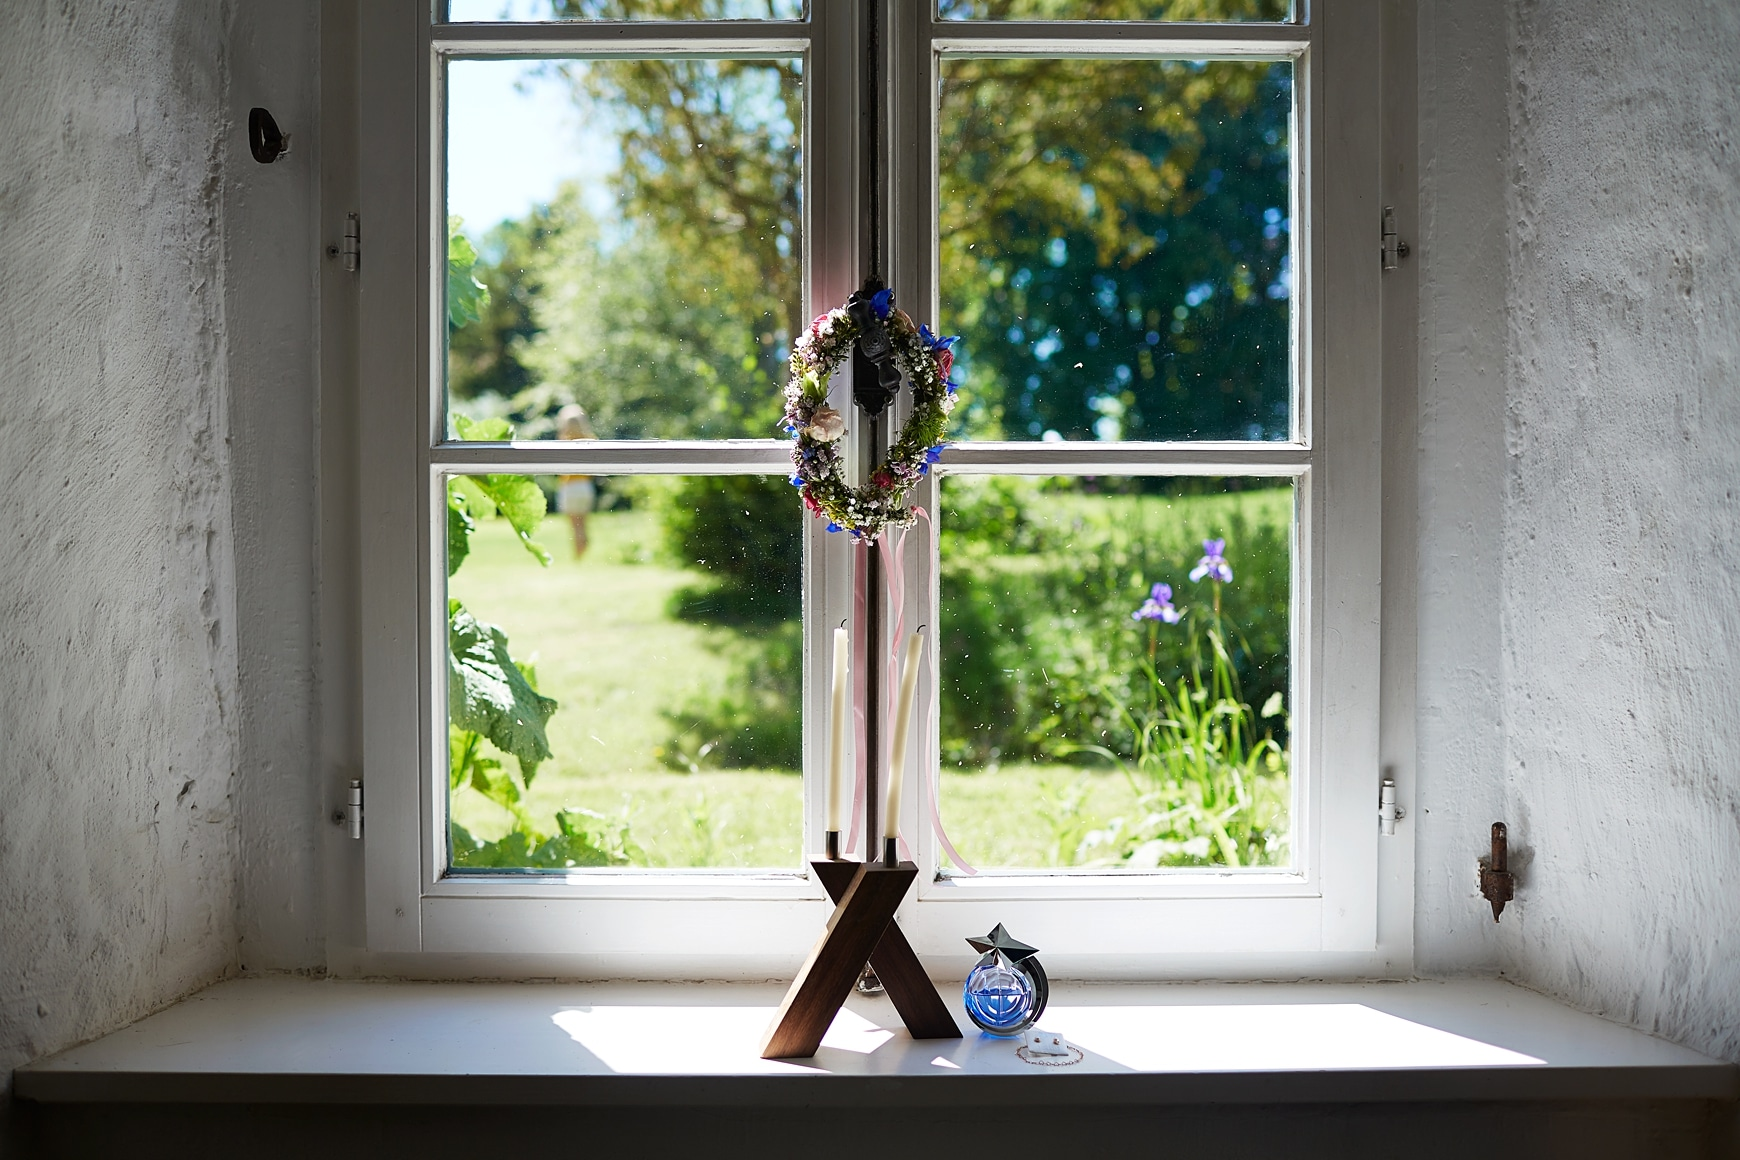 Ein Blumenkranz der an einem Fenster hängt